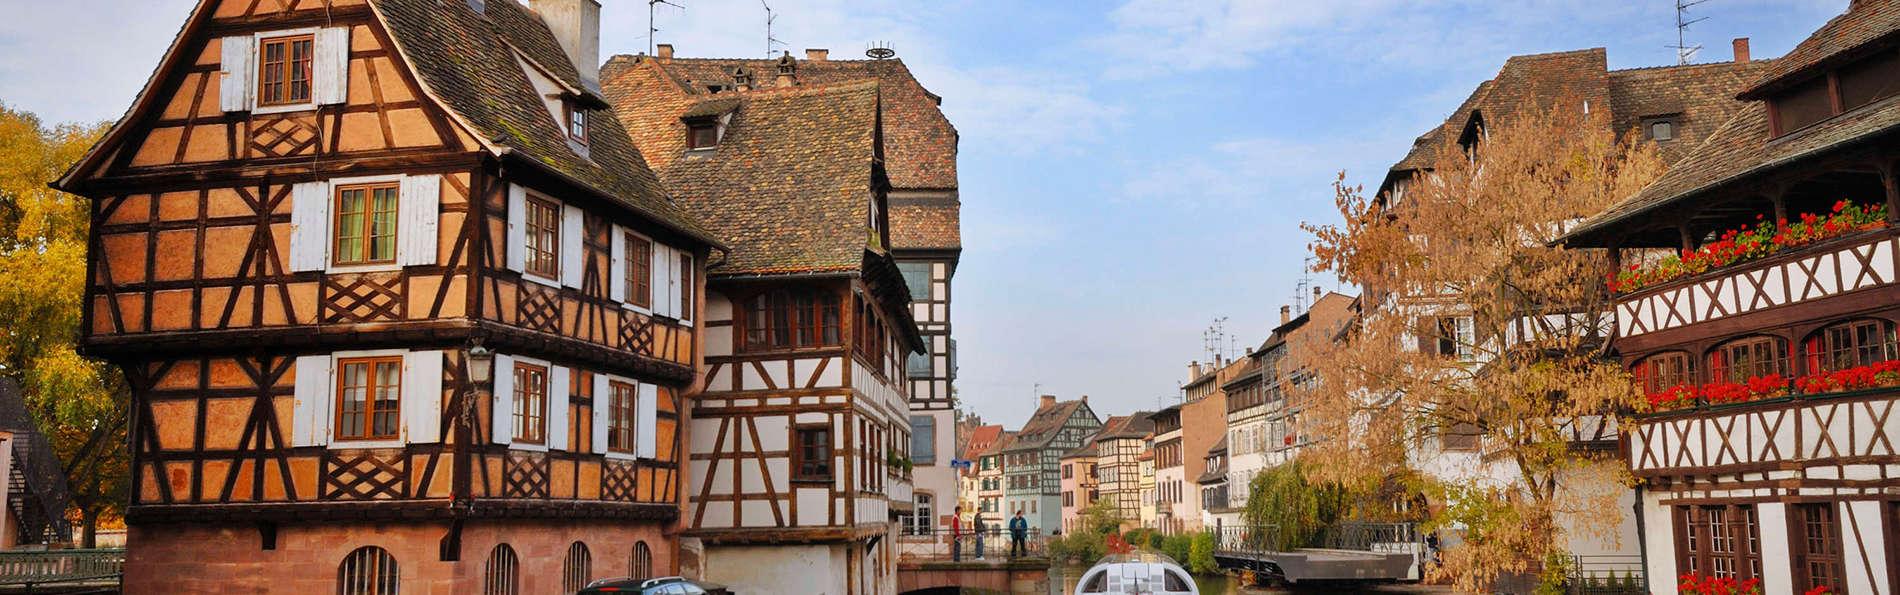 Week end d couverte dans les villes europ ennes strasbourg for Salon mer et vigne strasbourg 2017